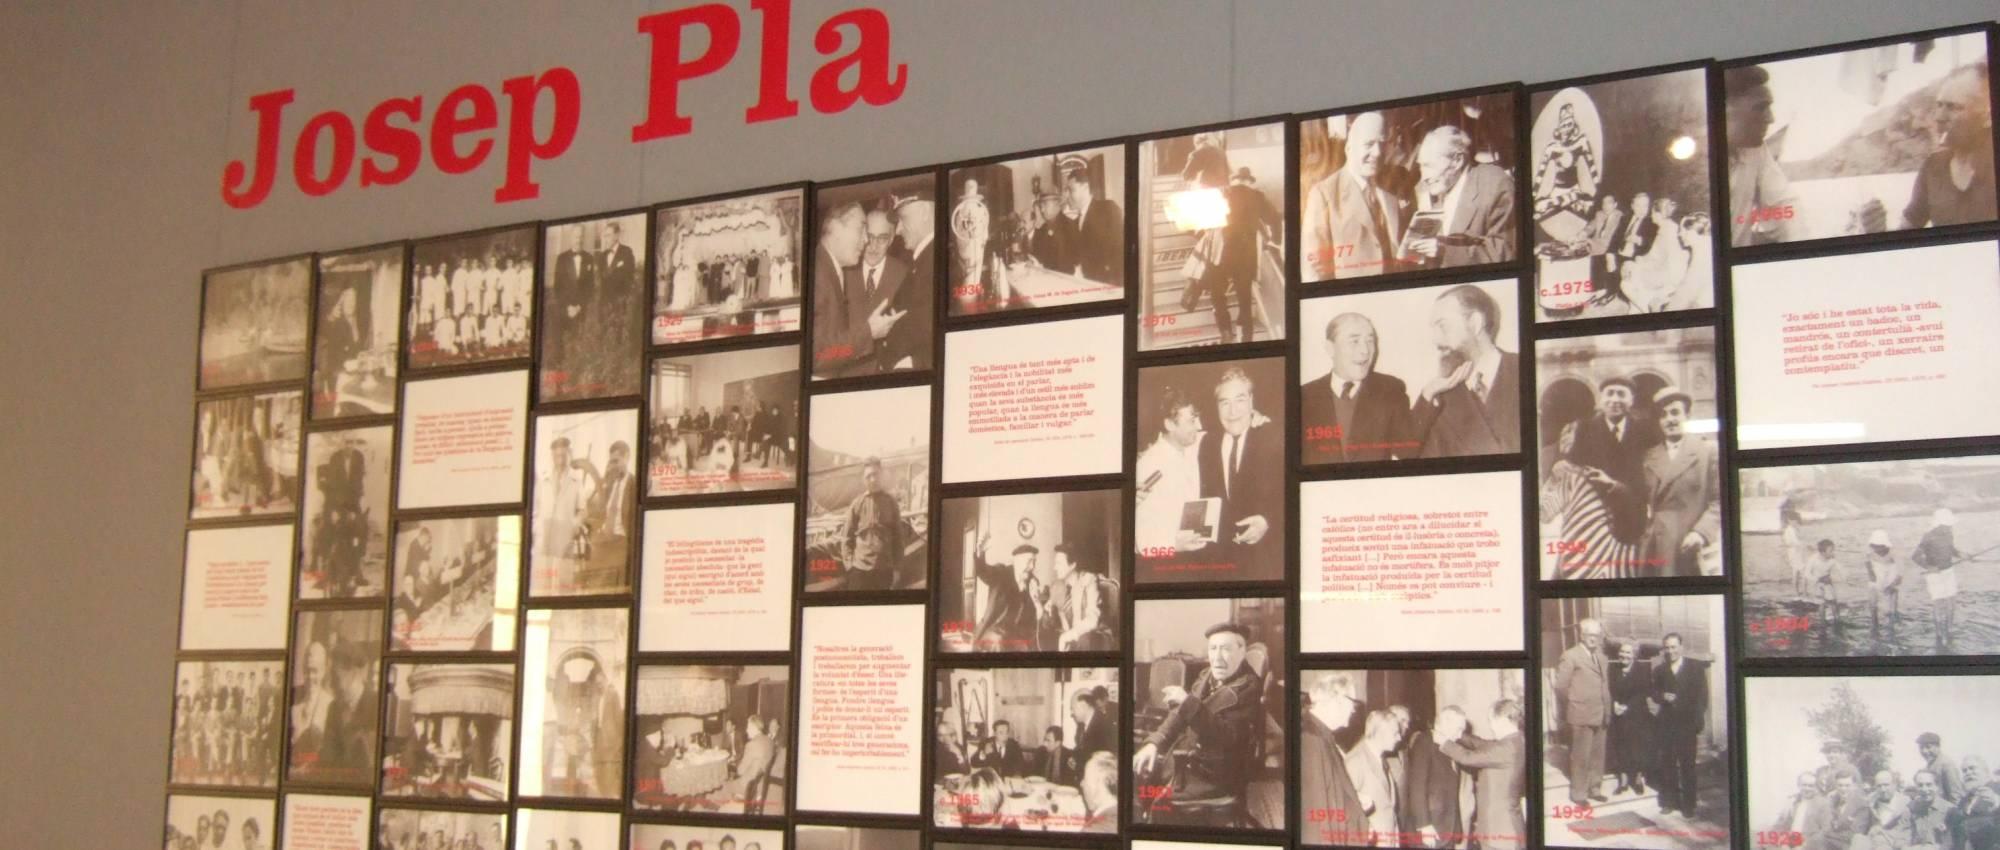 Inici de l'exposició permanent Josep Pla (1897 – 1981). Davidpar / Wikimedia Commons. CC BY-SA 3.